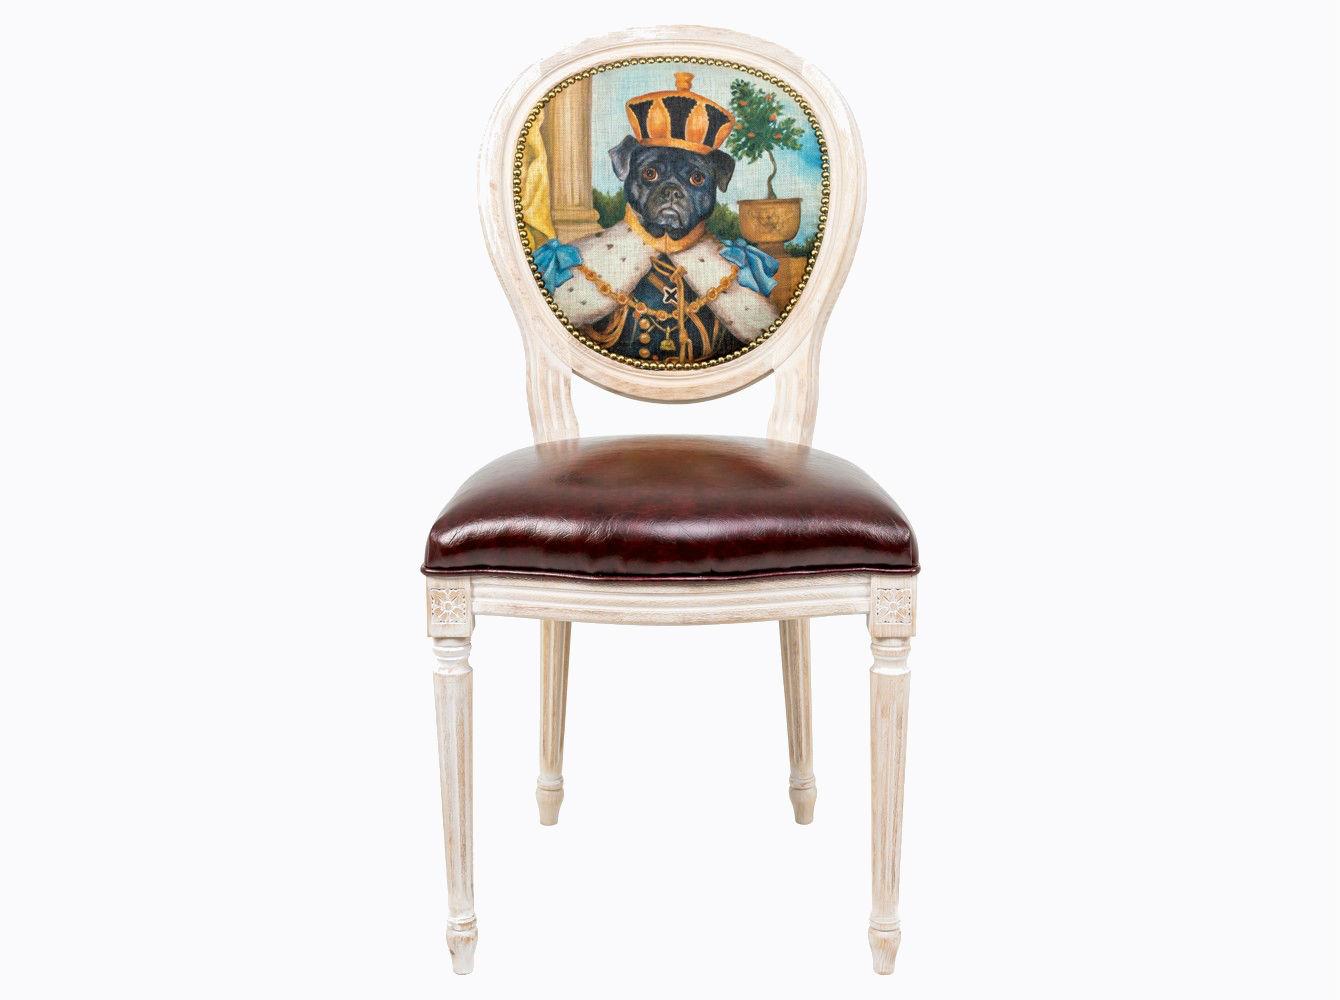 Стул «Музейный экспонат», версия 24Обеденные стулья<br>Стул &amp;quot;Музейный экспонат&amp;quot; - универсальное, но отборное решение гостиной, столовой, спальни, кабинета, холла и детской комнаты. Дизайн стула создан эффектом экстравагантных контрастных сочетаний. Блестящее шоколадное сиденье объединилось со светло-бежевой льняной спинкой, а королевский силуэт эпохи Луи-Филиппа - с рисунком в жанре современного анимализма, подражающего палитрам эпохи Возрождения. Корпус стула изготовлен из натурального бука. Среди европейских пород бук считается самым прочным и долговечным материалом. В дизайне &amp;quot;Музейный экспонат&amp;quot; резьба играет ведущую роль: стул украшен вычурными желобками и цветочными узорами, выточенными с ювелирной меткостью. В угоду моде &amp;quot;шебби-шик&amp;quot;, благородная фактура натурального дерева подчеркнута рукописной патиной. Штрихи старины обладают специфическим обаянием и теплом.<br>Комфортабельность, прочность и долговечность сиденья обеспечены подвеской из эластичных ремней. Обивка спинки оснащена тефлоновым покрытием против пятен.&amp;amp;nbsp;&amp;lt;div&amp;gt;&amp;lt;br&amp;gt;&amp;lt;/div&amp;gt;&amp;lt;div&amp;gt;Каркас - натуральное дерево бука, обивка сиденья и оборотной стороны спинки - эко-кожа, обивка спинки: 29% лен, 9 % хлопок, 72% полиэстер&amp;lt;br&amp;gt;&amp;lt;/div&amp;gt;<br><br>Material: Дерево<br>Width см: 55<br>Depth см: 50<br>Height см: 95